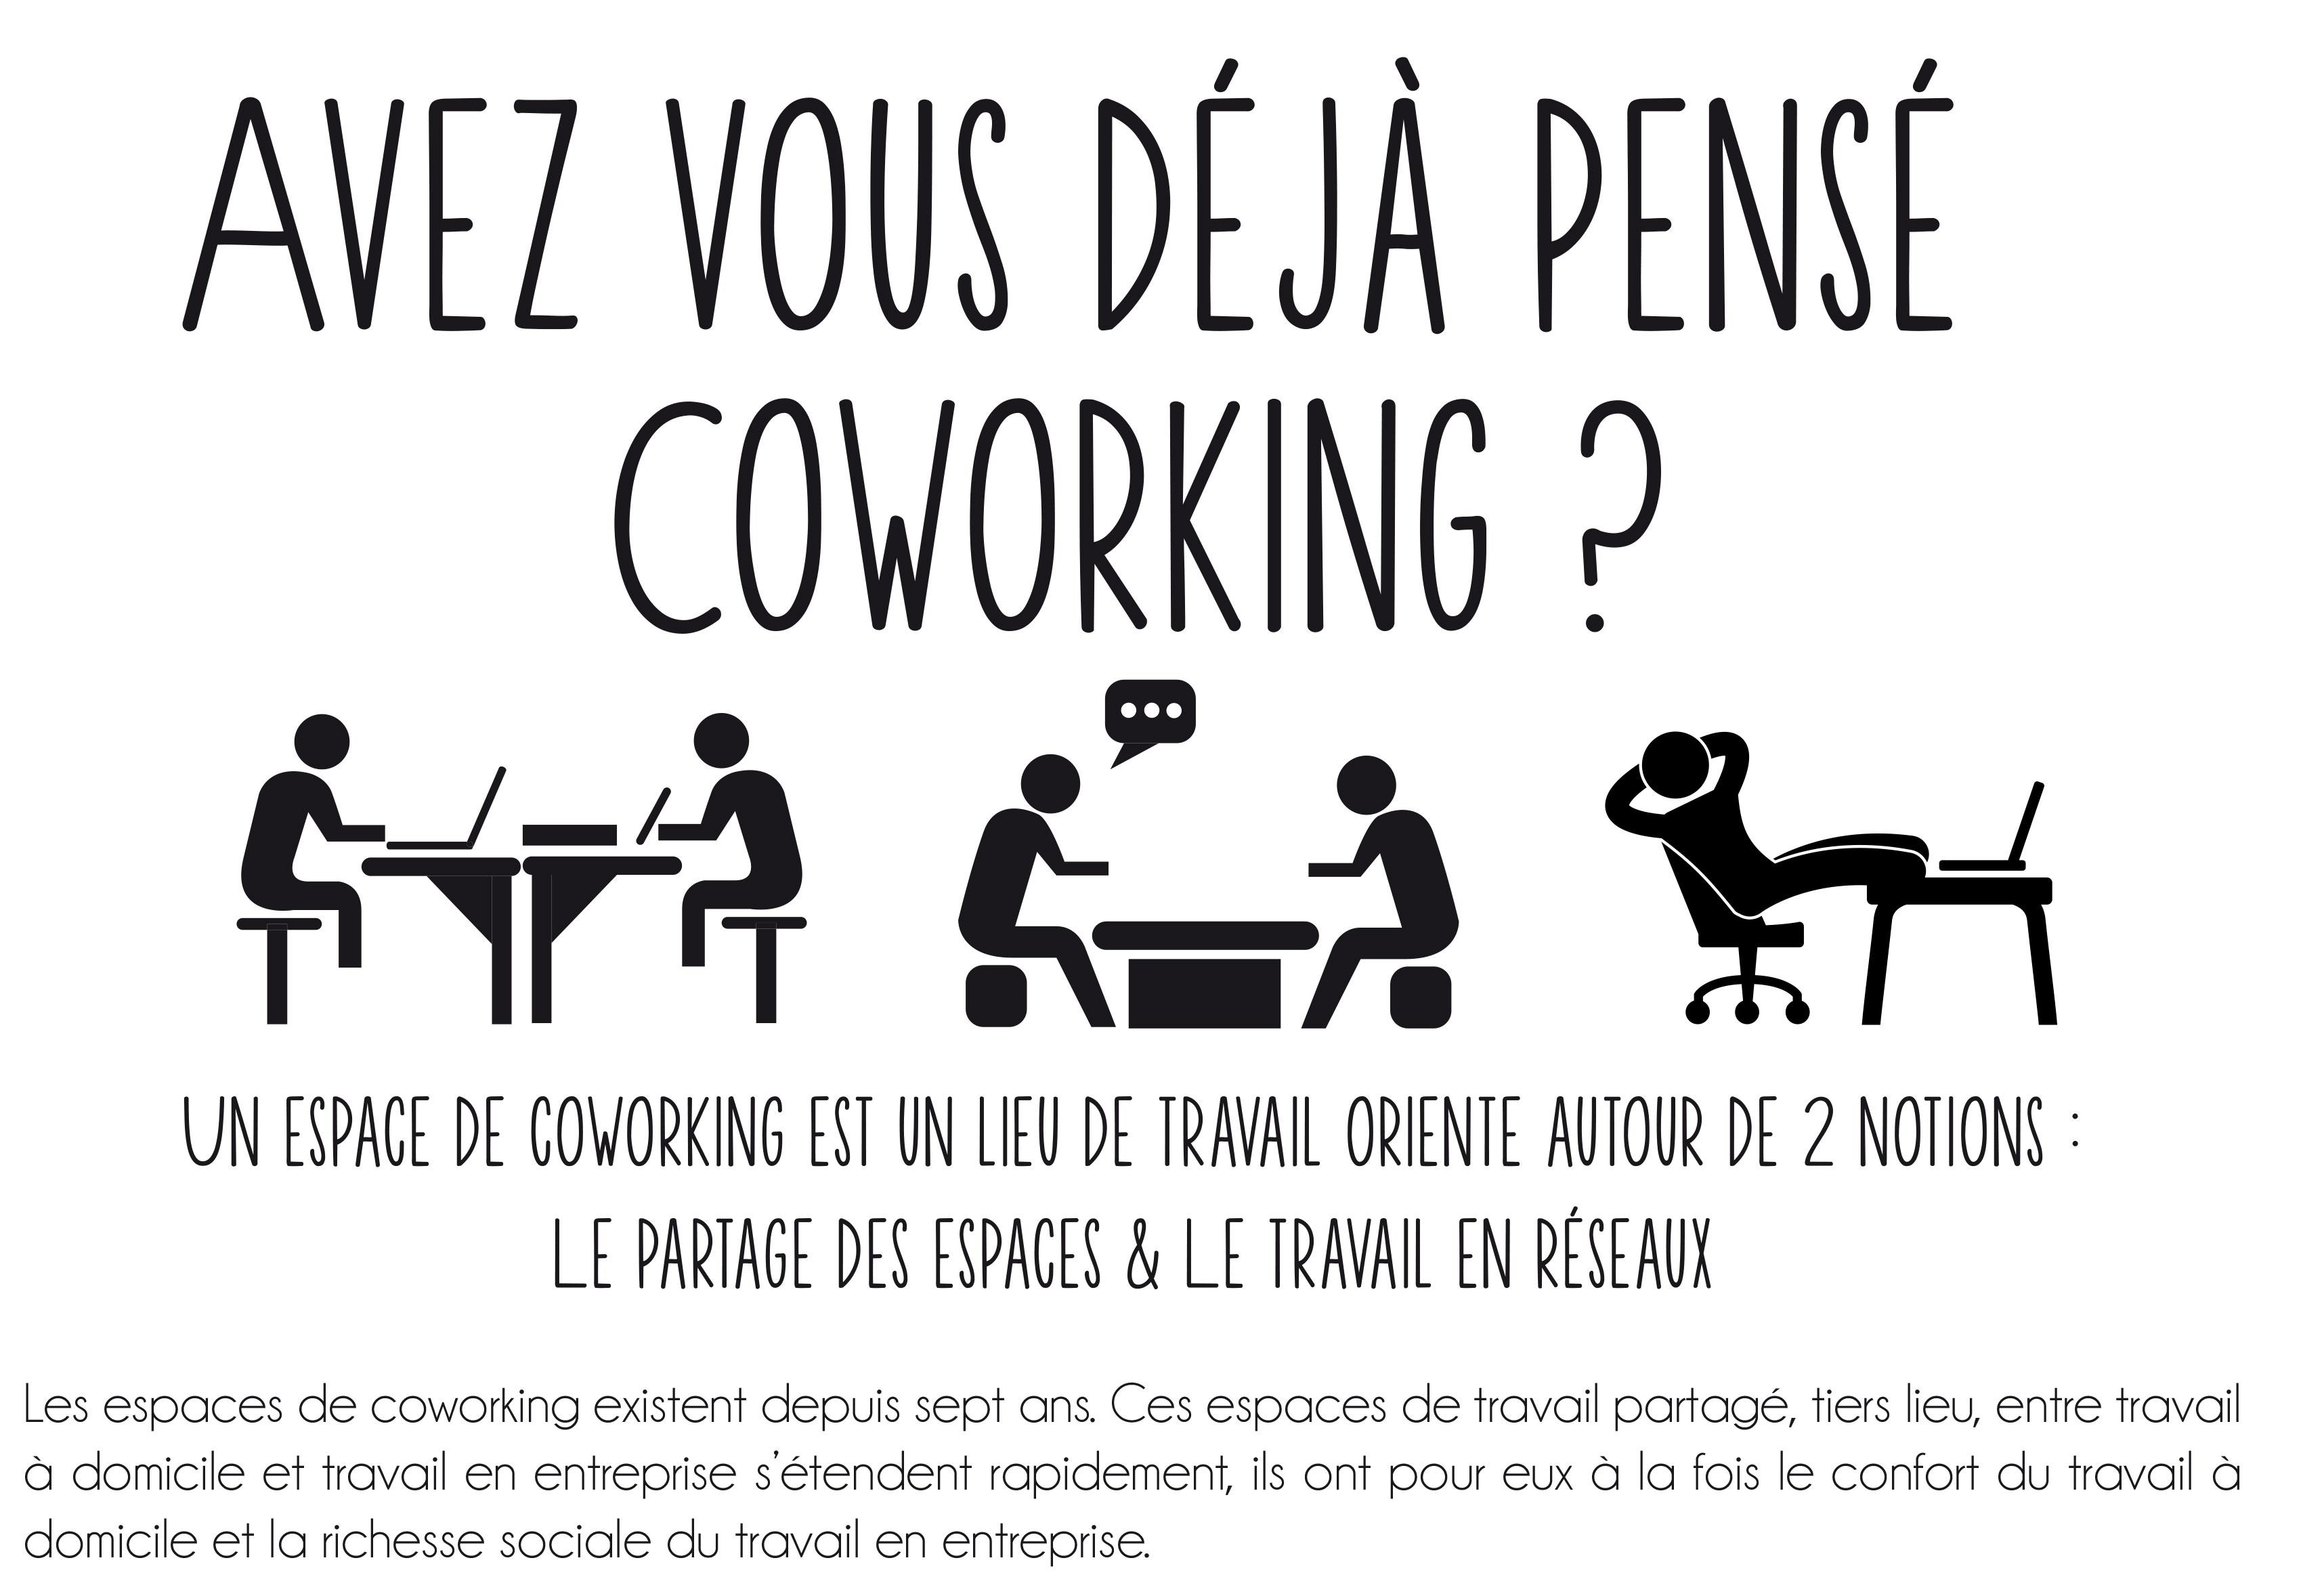 Un nouvel espace de coworking pessac for Espace minimum de travail